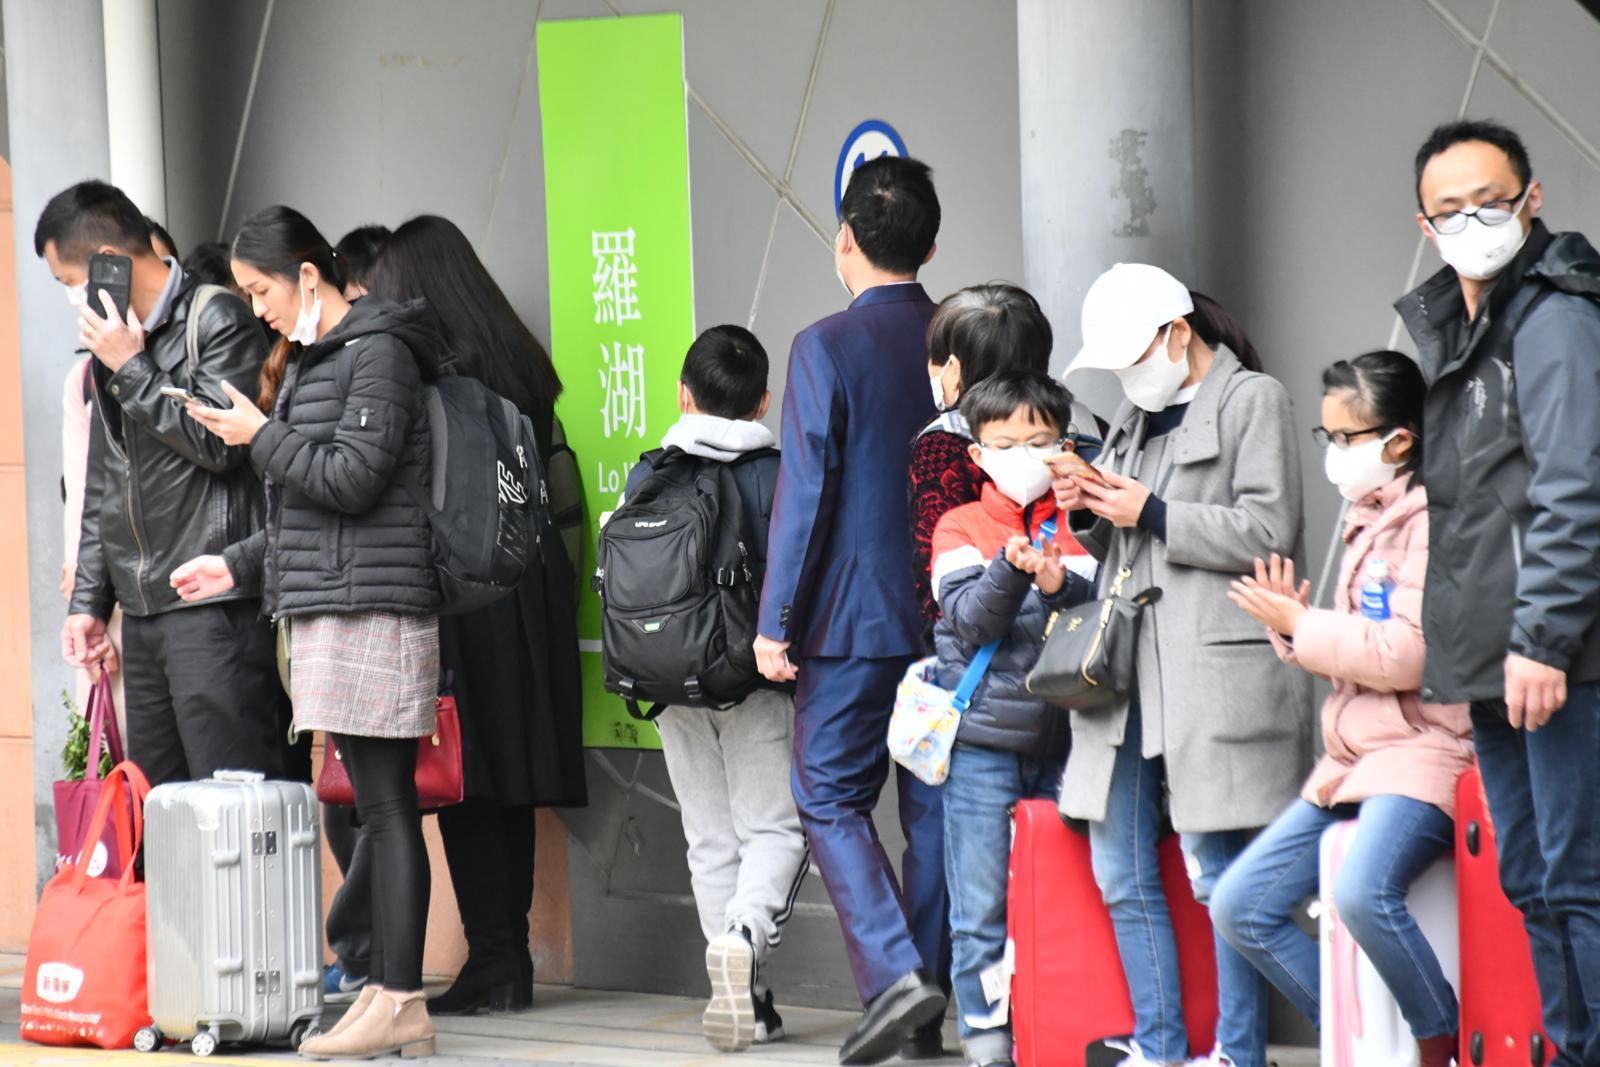 【新冠肺炎】教协认为局部封关无法堵塞疫情 促政府全面封关